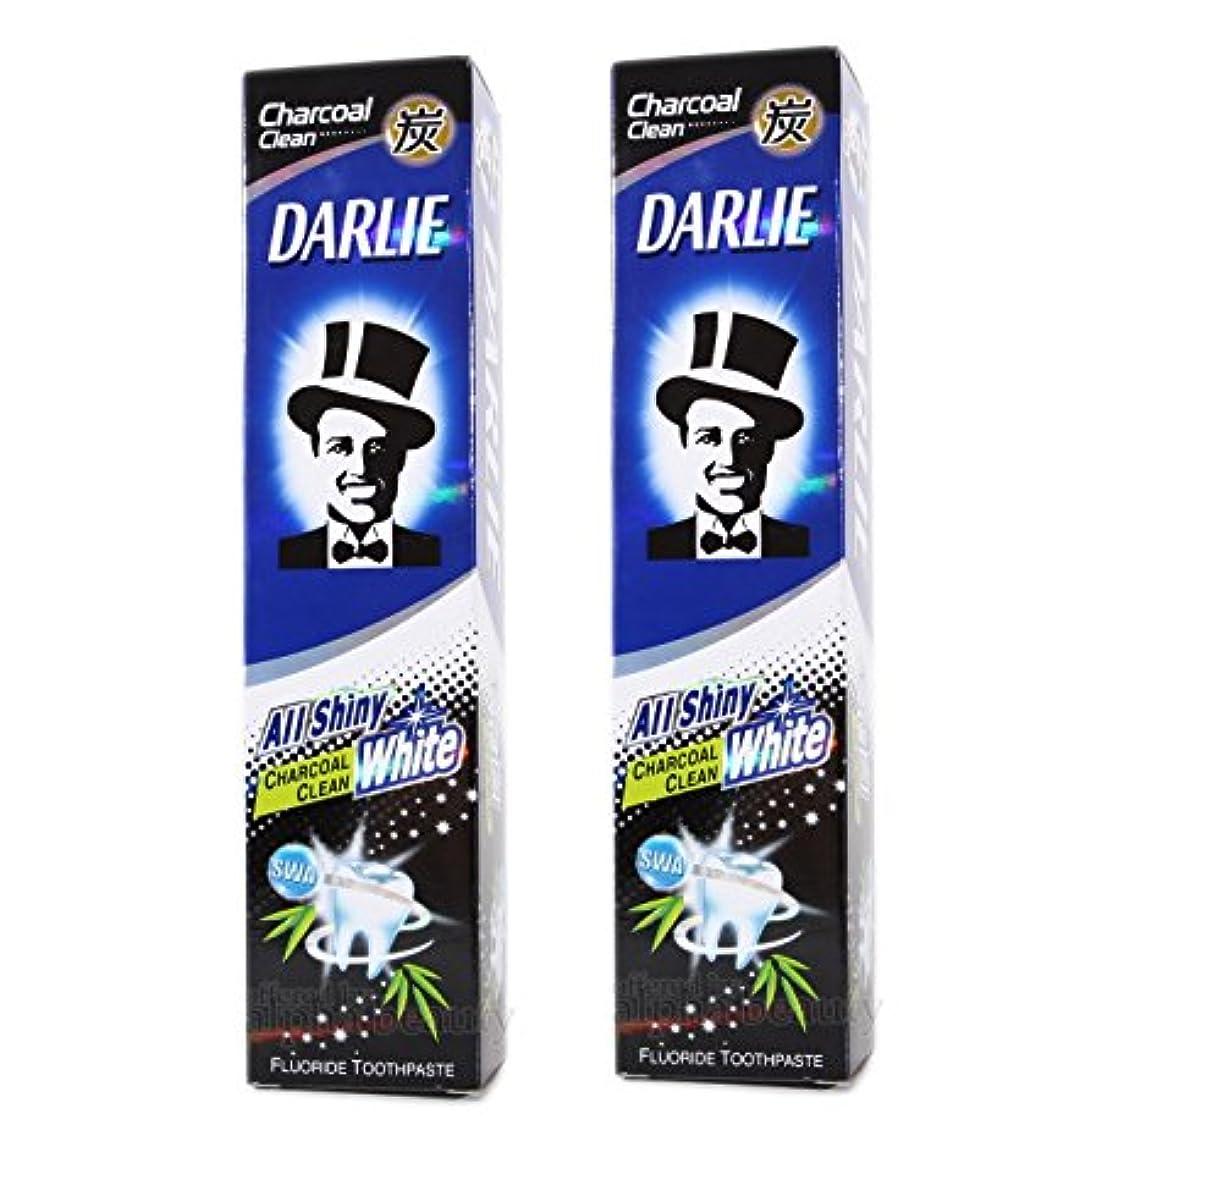 無駄に若い一定2 packs of Darlie Charcoal All Shiny Whitening Toothpaste by Darlie